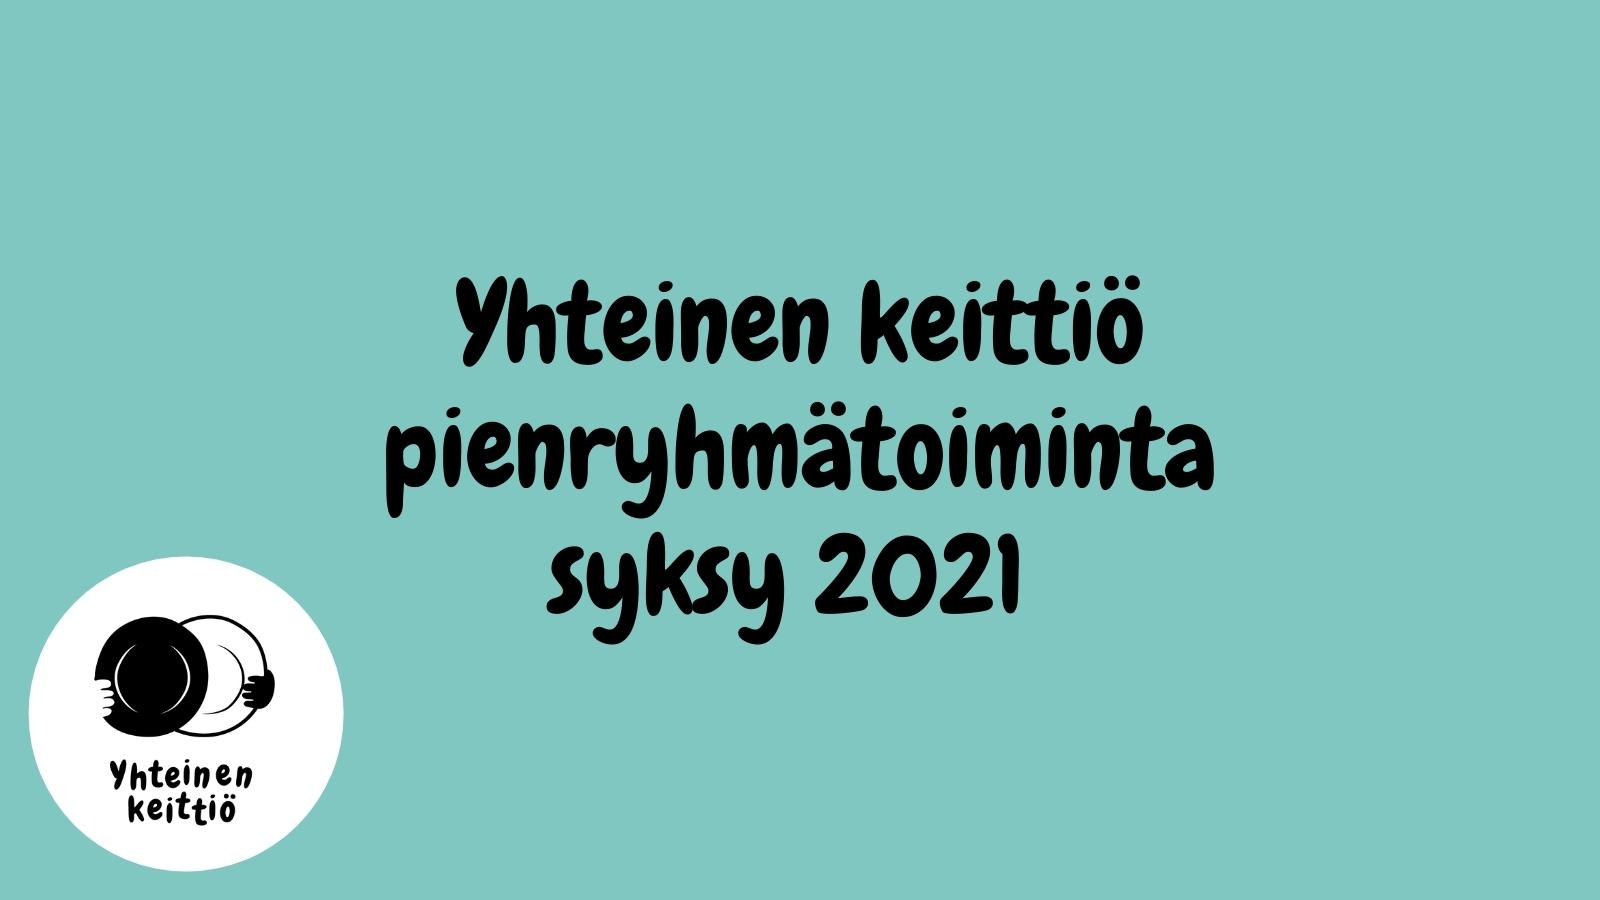 Yhteinen keittiö pienryhmätoiminta syksy 2021 Pori